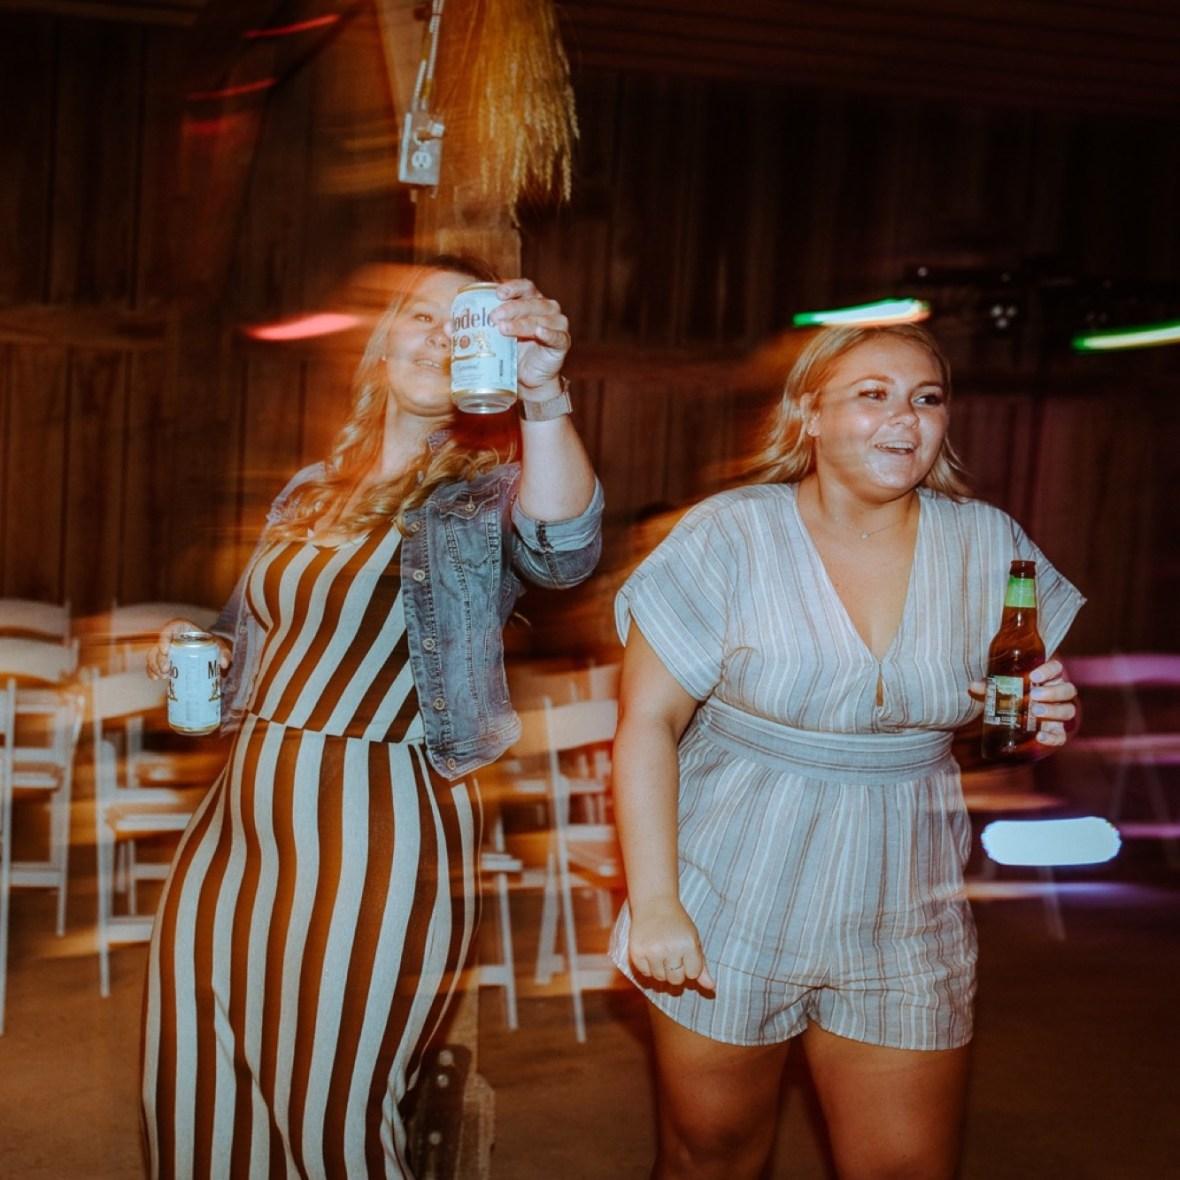 80_r153ab_Barn_Indoor_Shelbyville_Kentucky_Summer_Wedding